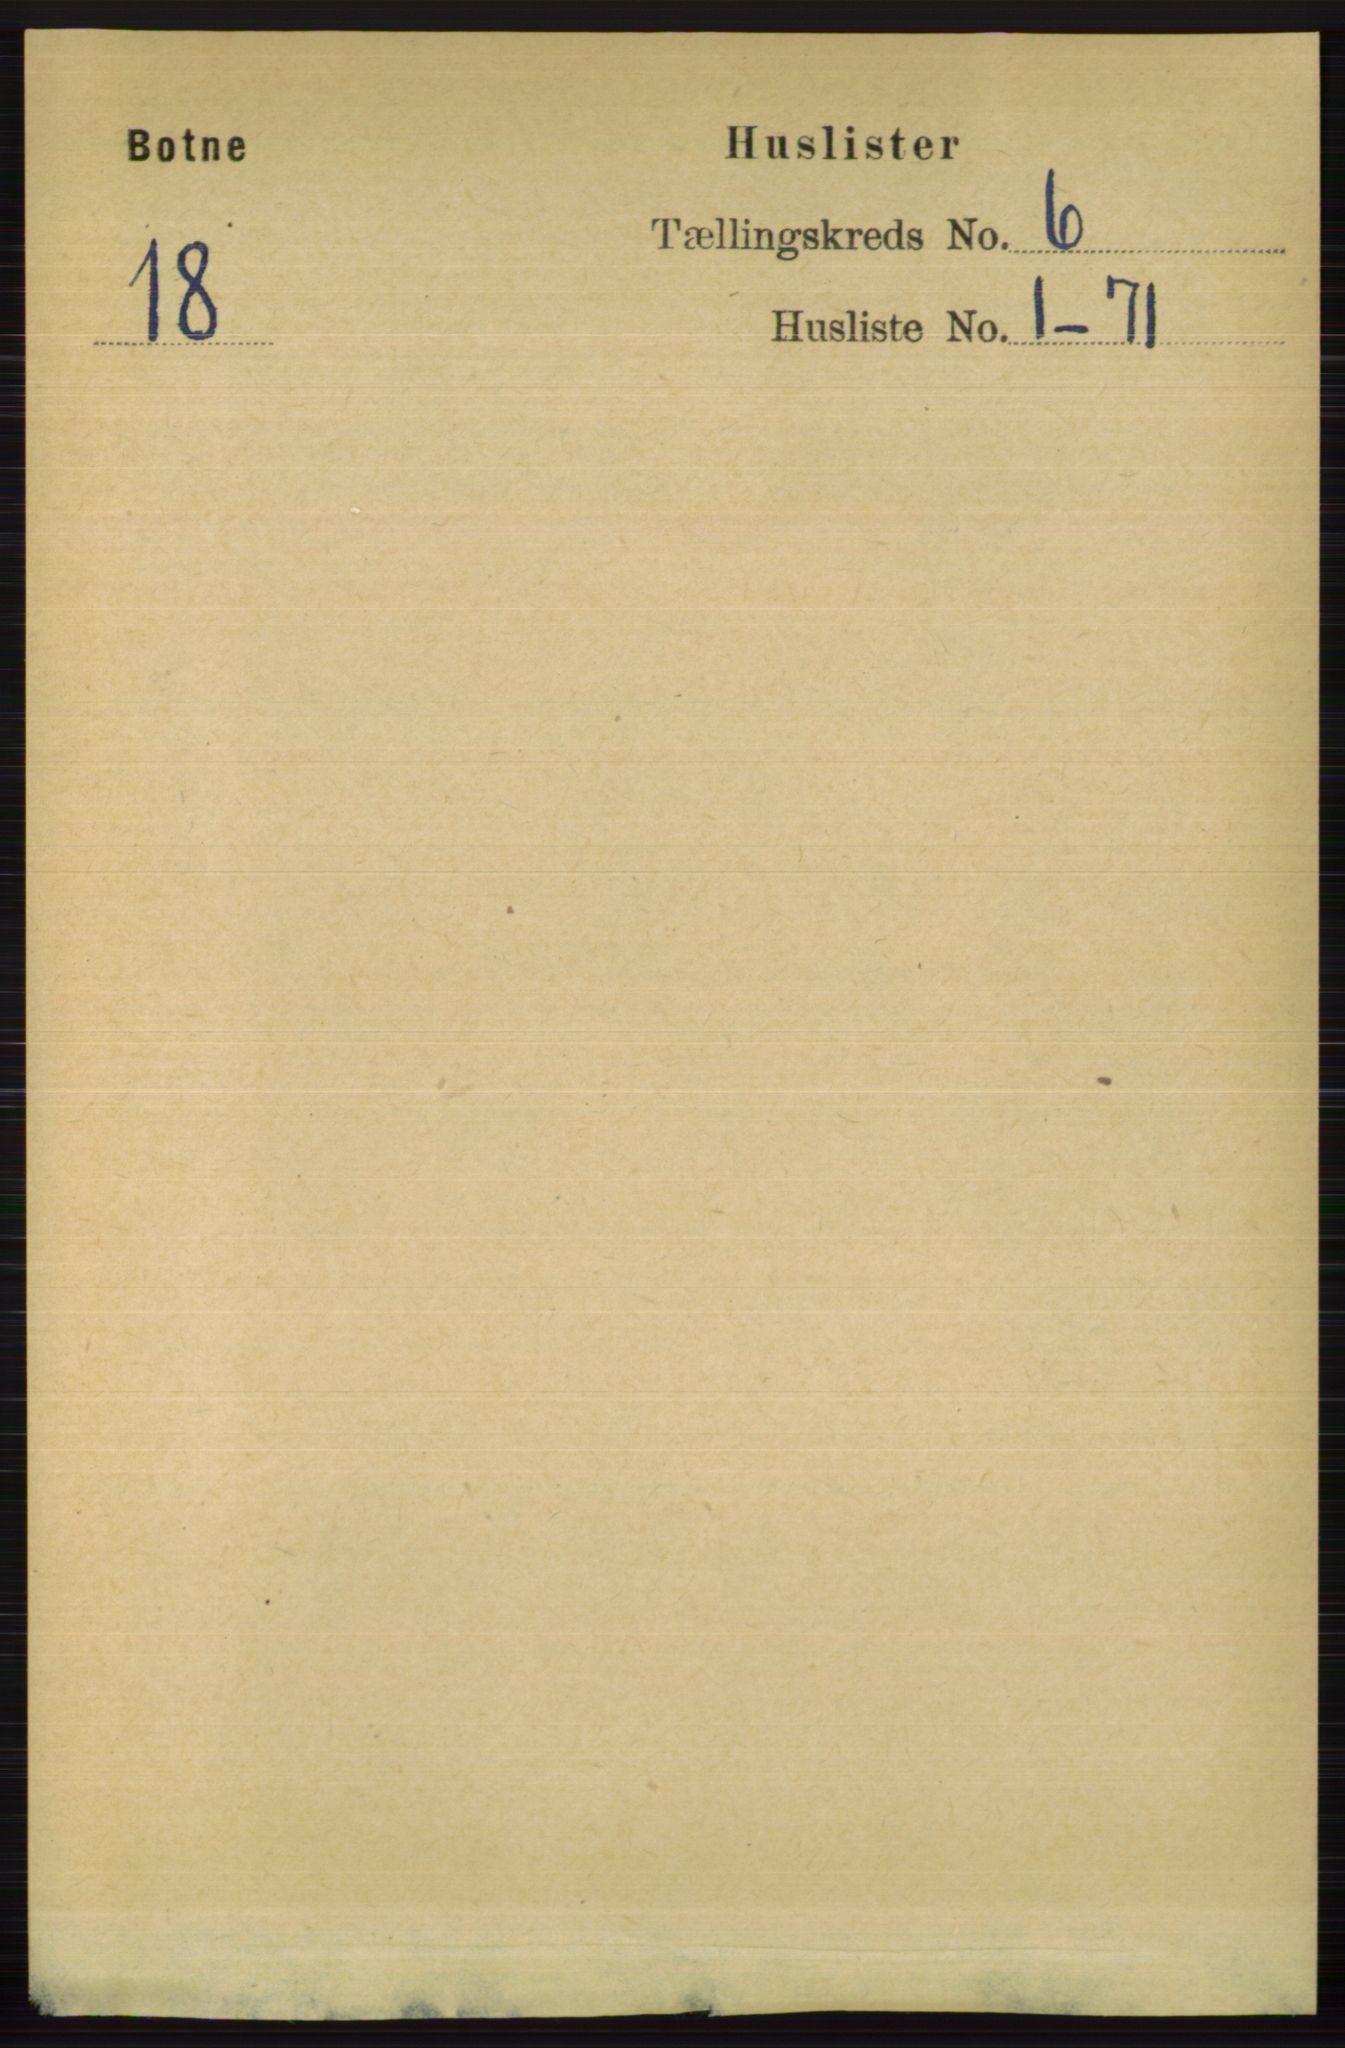 RA, Folketelling 1891 for 0715 Botne herred, 1891, s. 2216